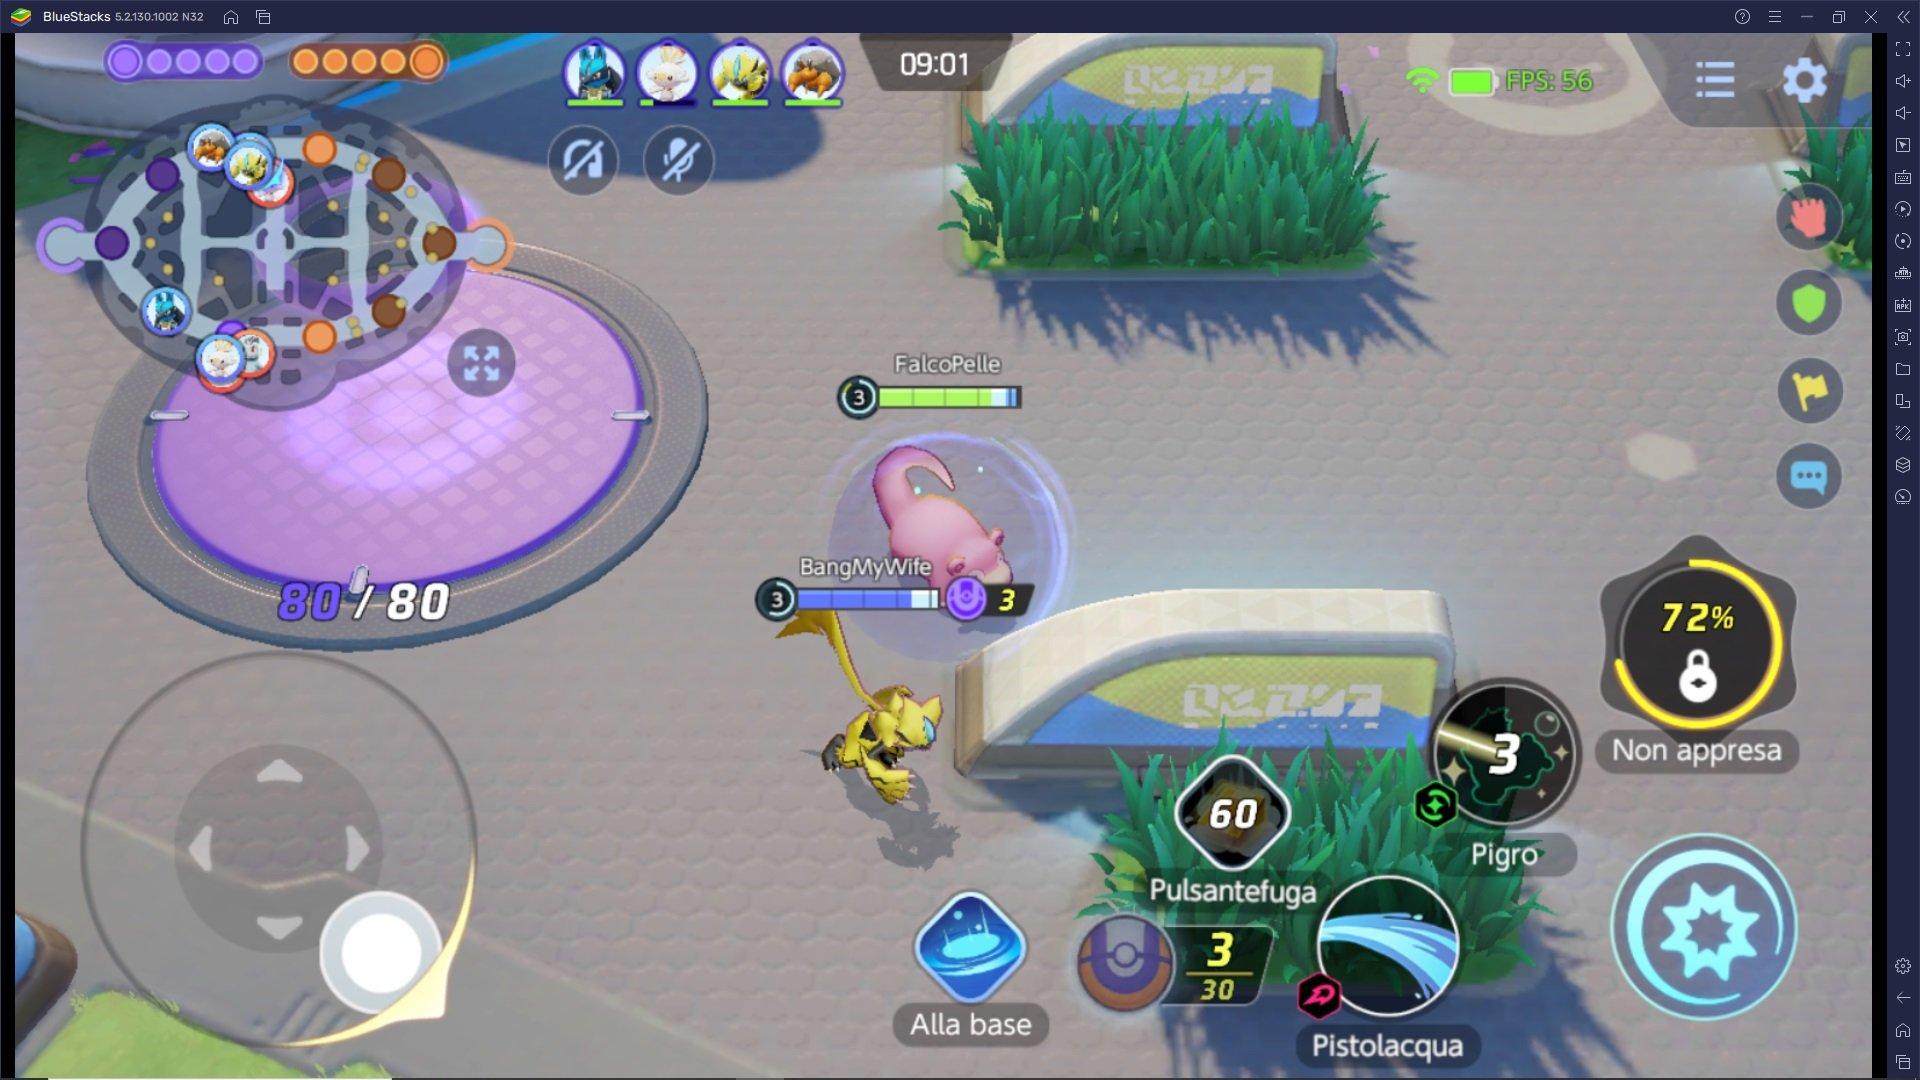 Come affrontare la Giungla (area centrale) in Pokémon UNITE con un pokémon velocista